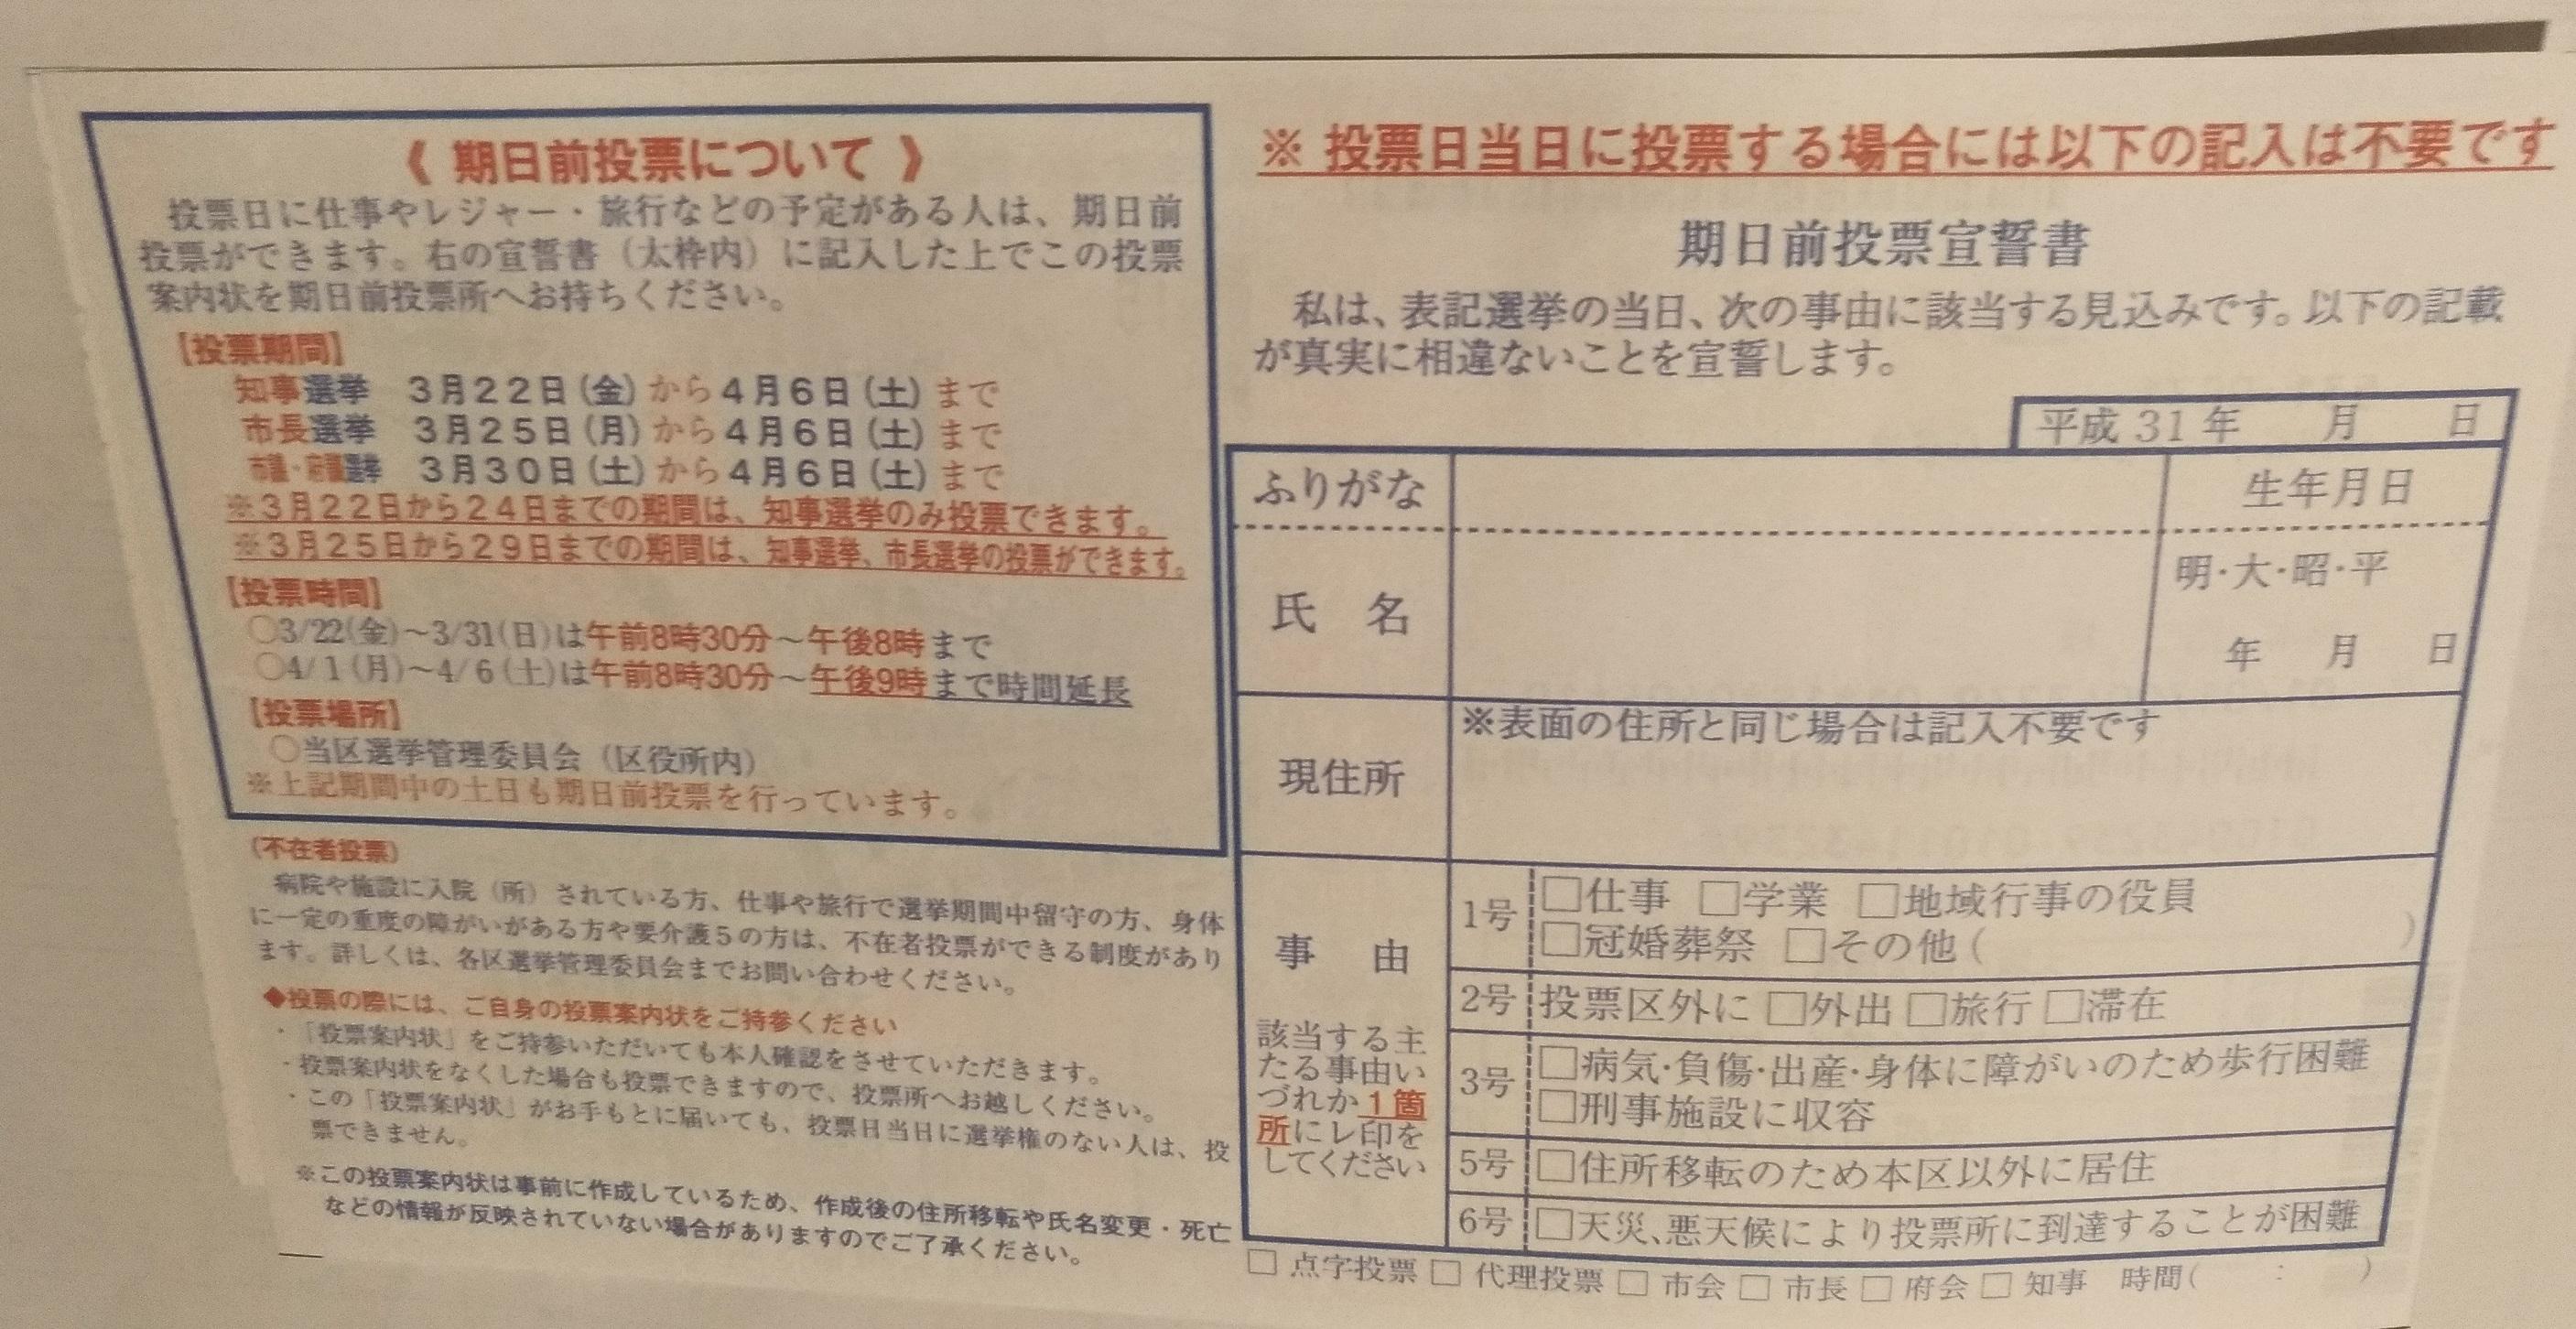 osaka_senkyo2019_shityo_fuchiji.jpg